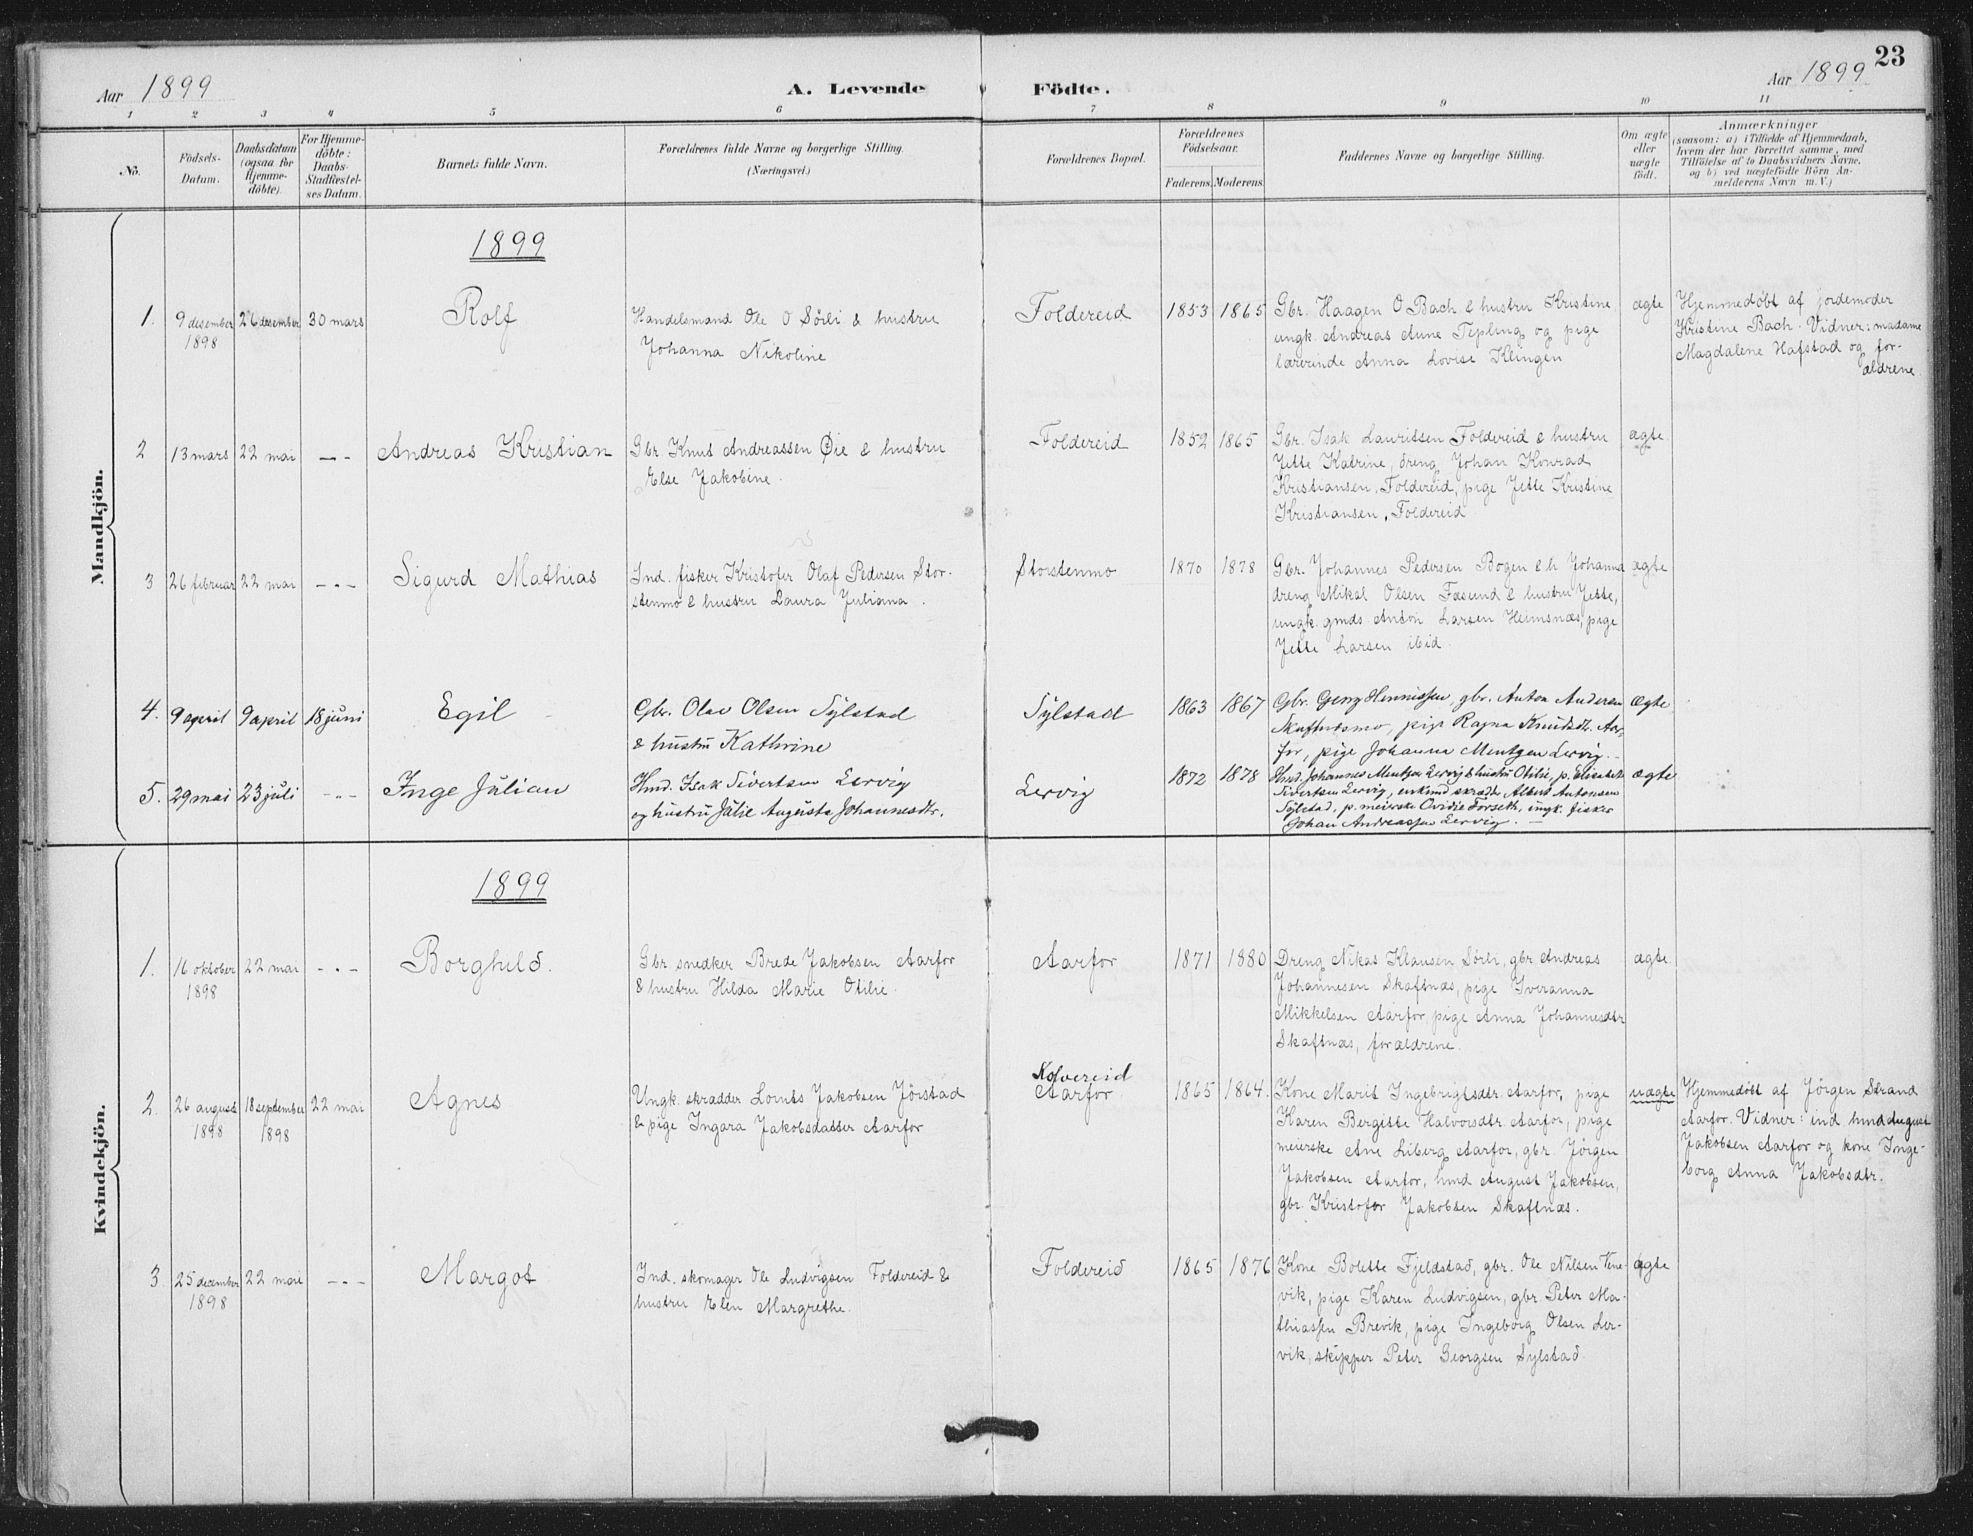 SAT, Ministerialprotokoller, klokkerbøker og fødselsregistre - Nord-Trøndelag, 783/L0660: Ministerialbok nr. 783A02, 1886-1918, s. 23